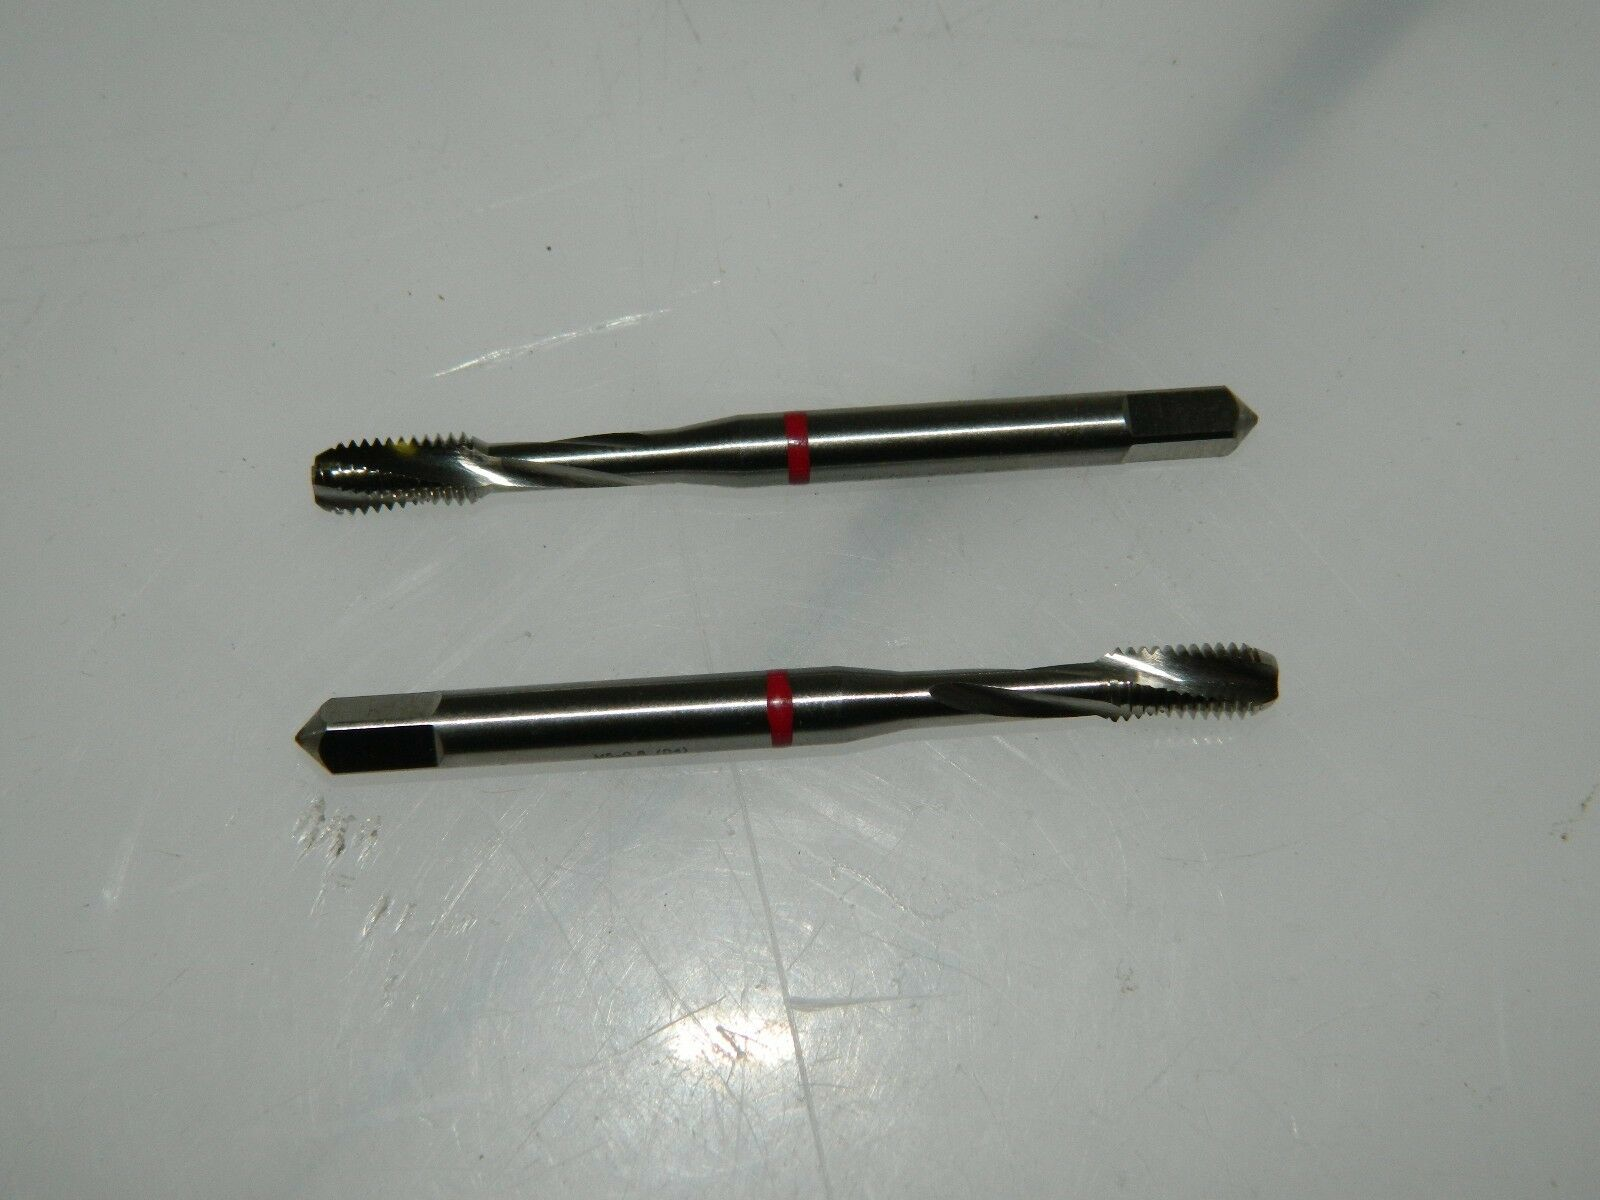 GTD M5x0.80 Metric Coarse 3 Fl D4 HSS Spiral Flute Tap QTY 6 74619